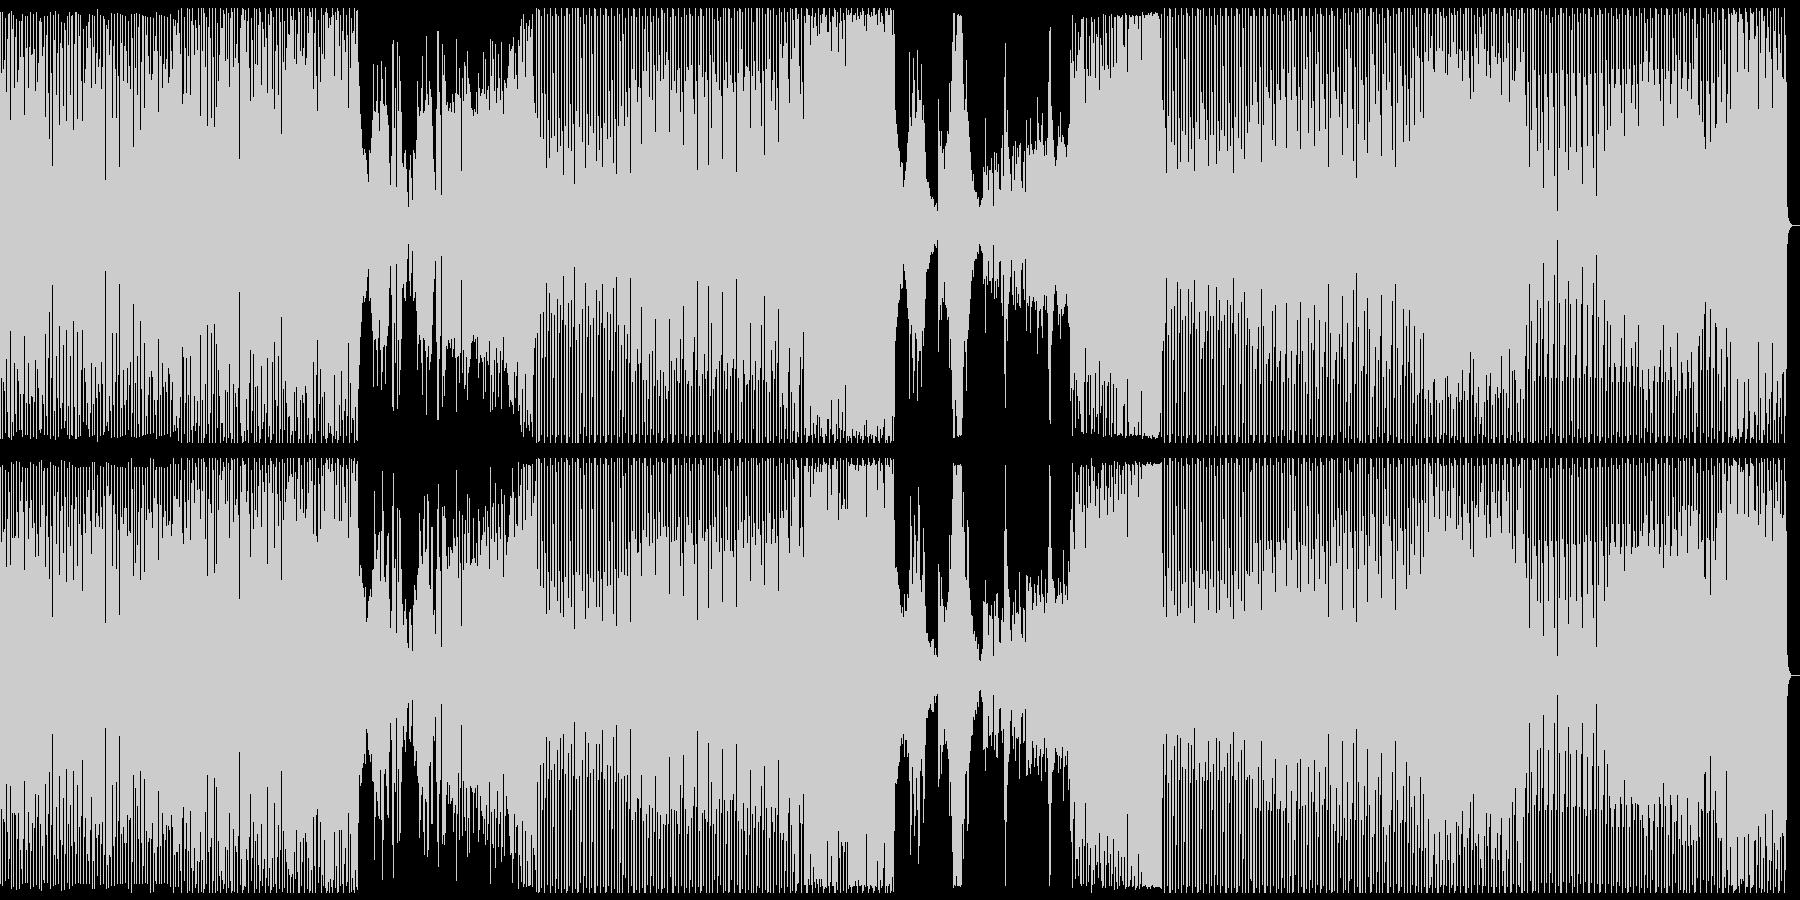 オシャレ・戦闘・スリリングEDM、フルの未再生の波形